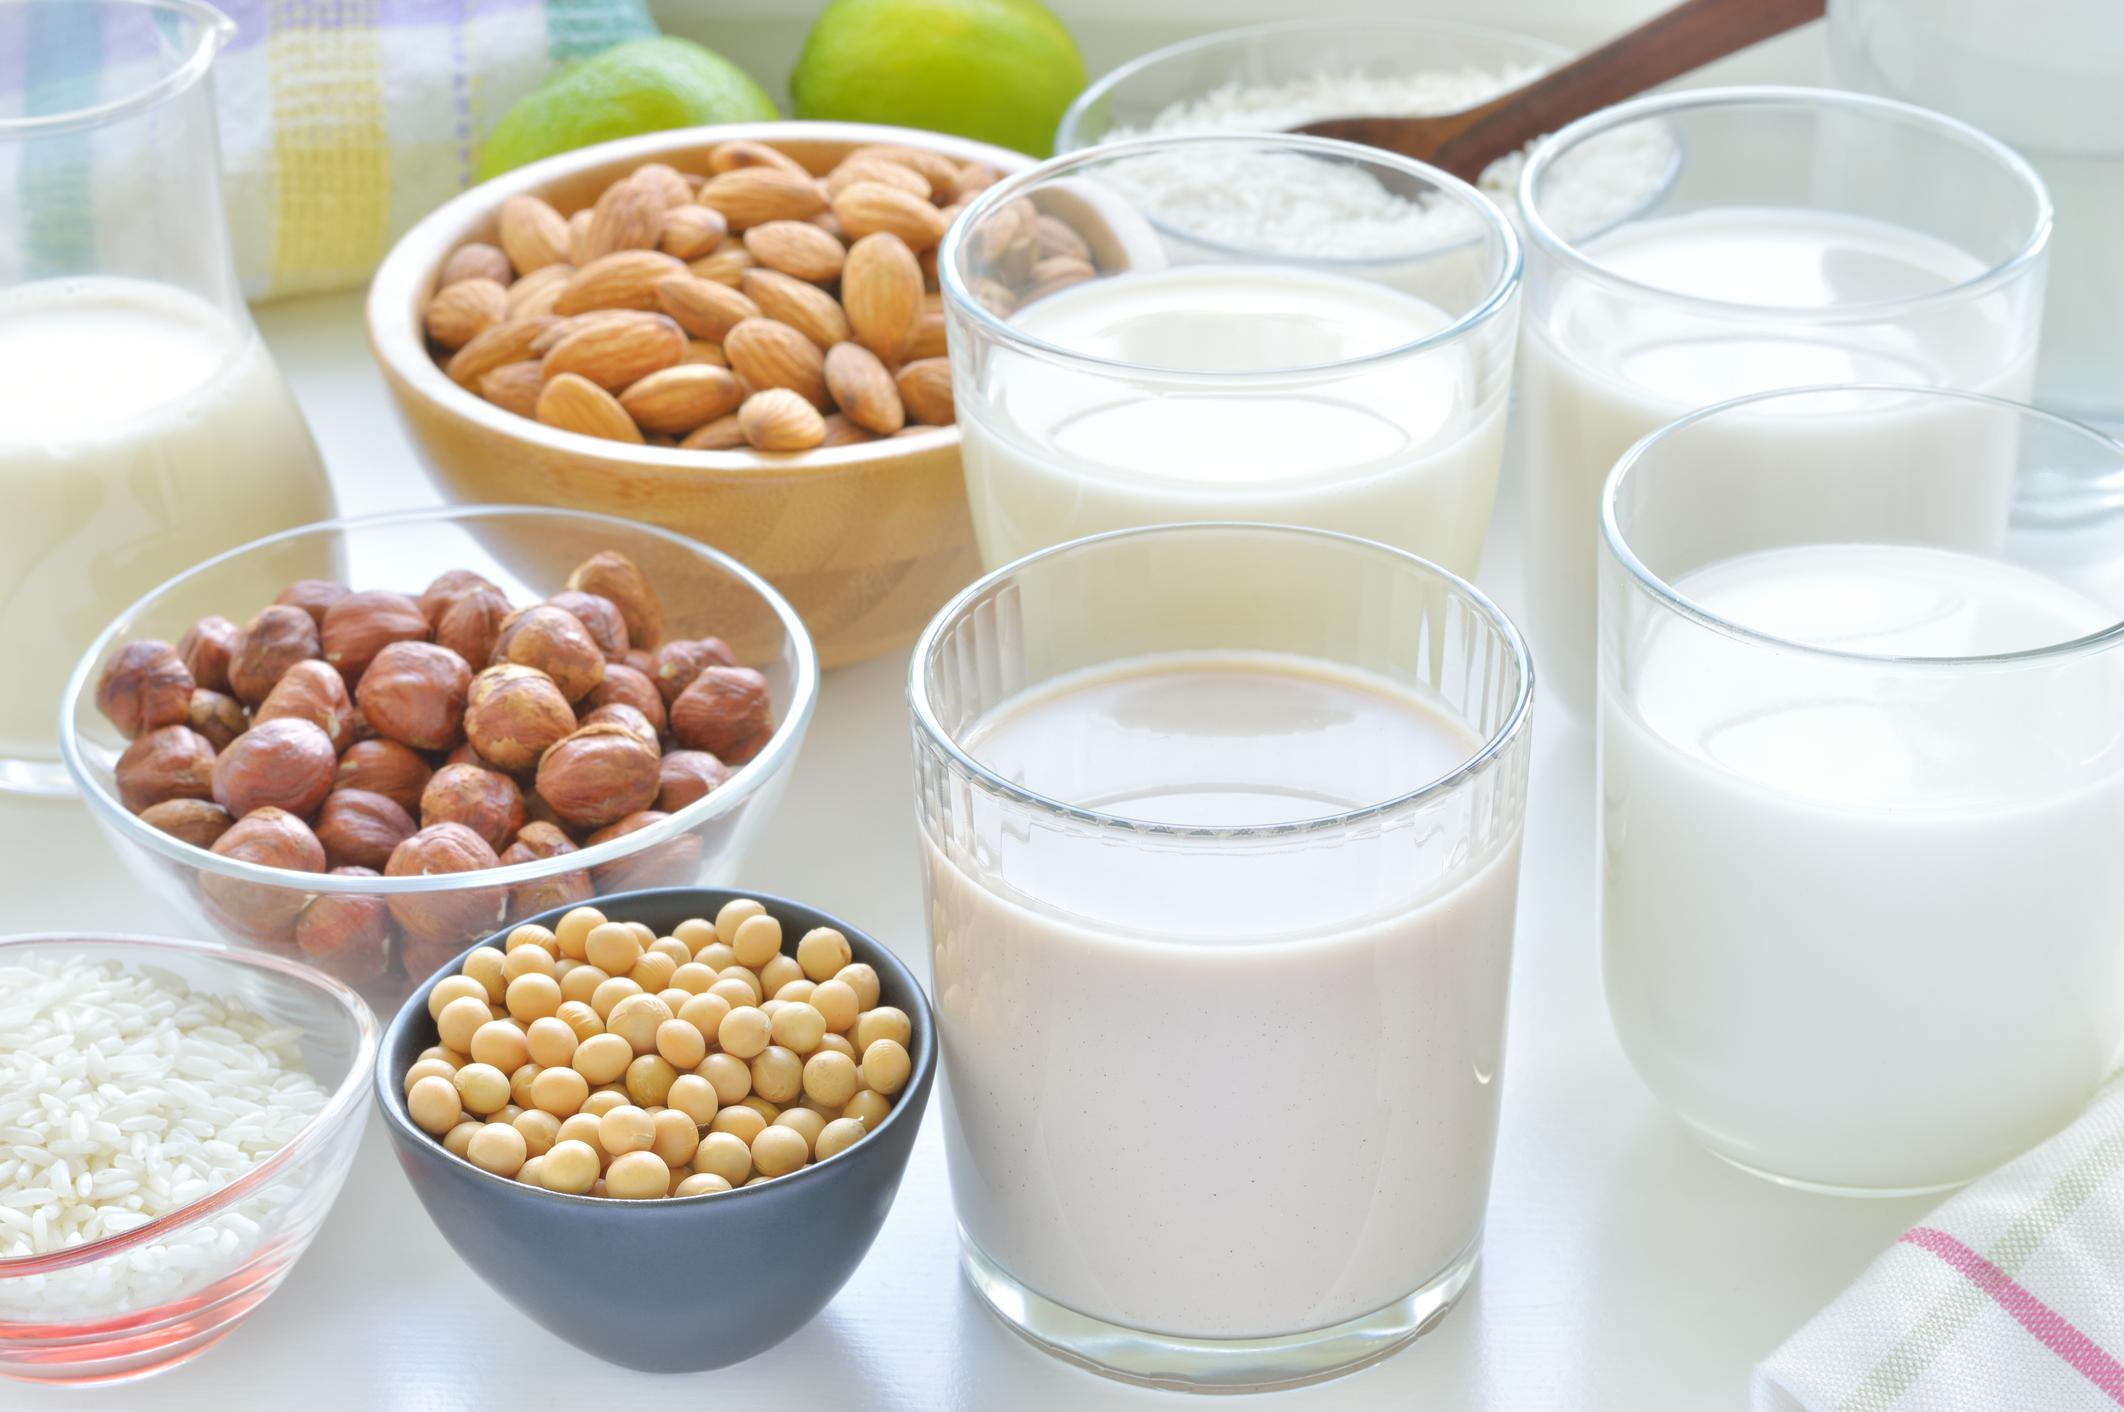 Горещо мляко преди лягане действа успокояващо и помага за добър сън. Така че чаша мляко е най-добре да се пие преди лягане.